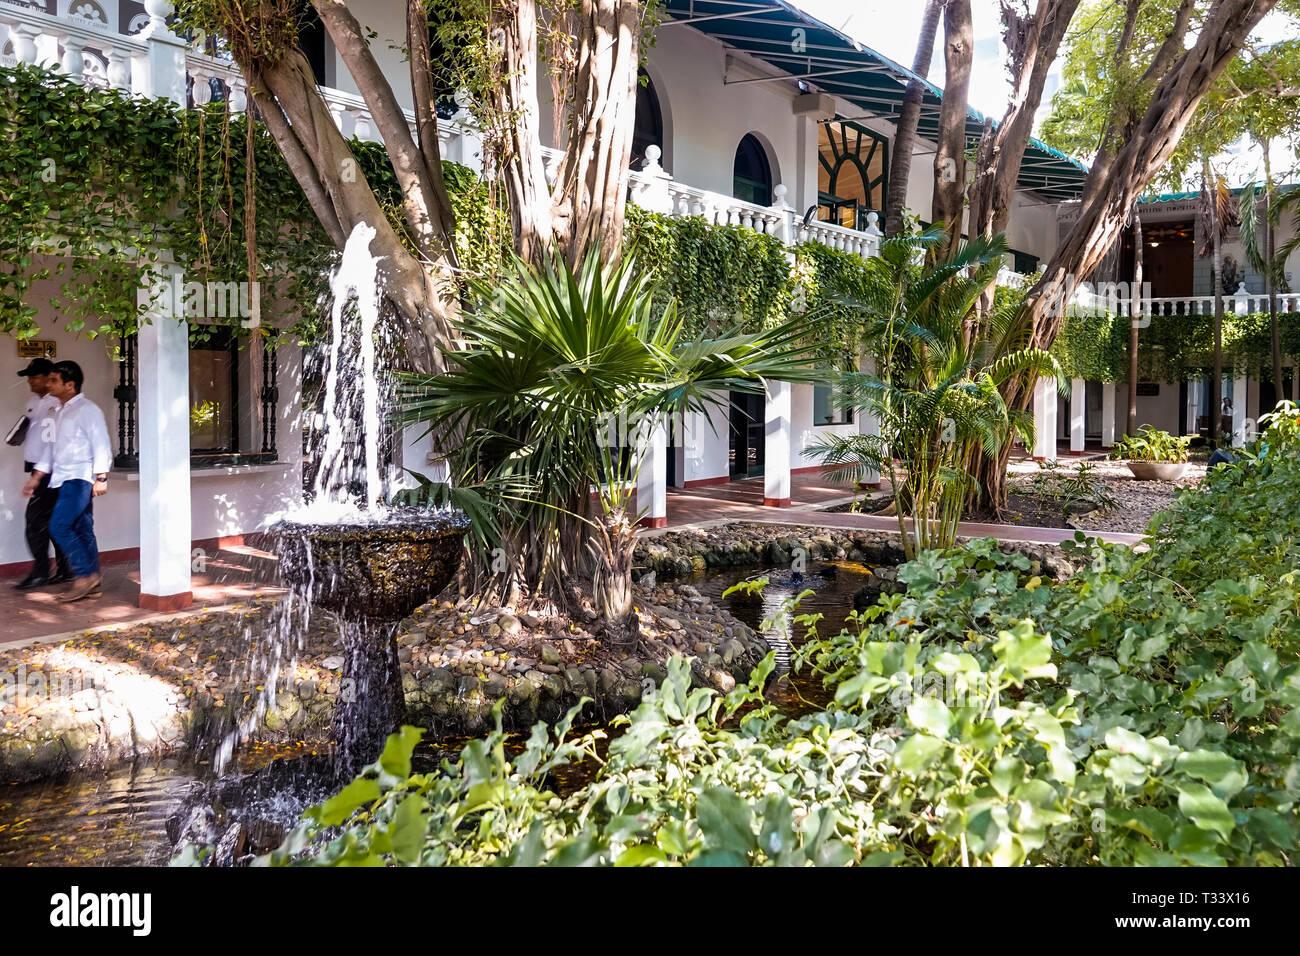 Courtyard Garden Stock Photos U0026 Courtyard Garden Stock ...